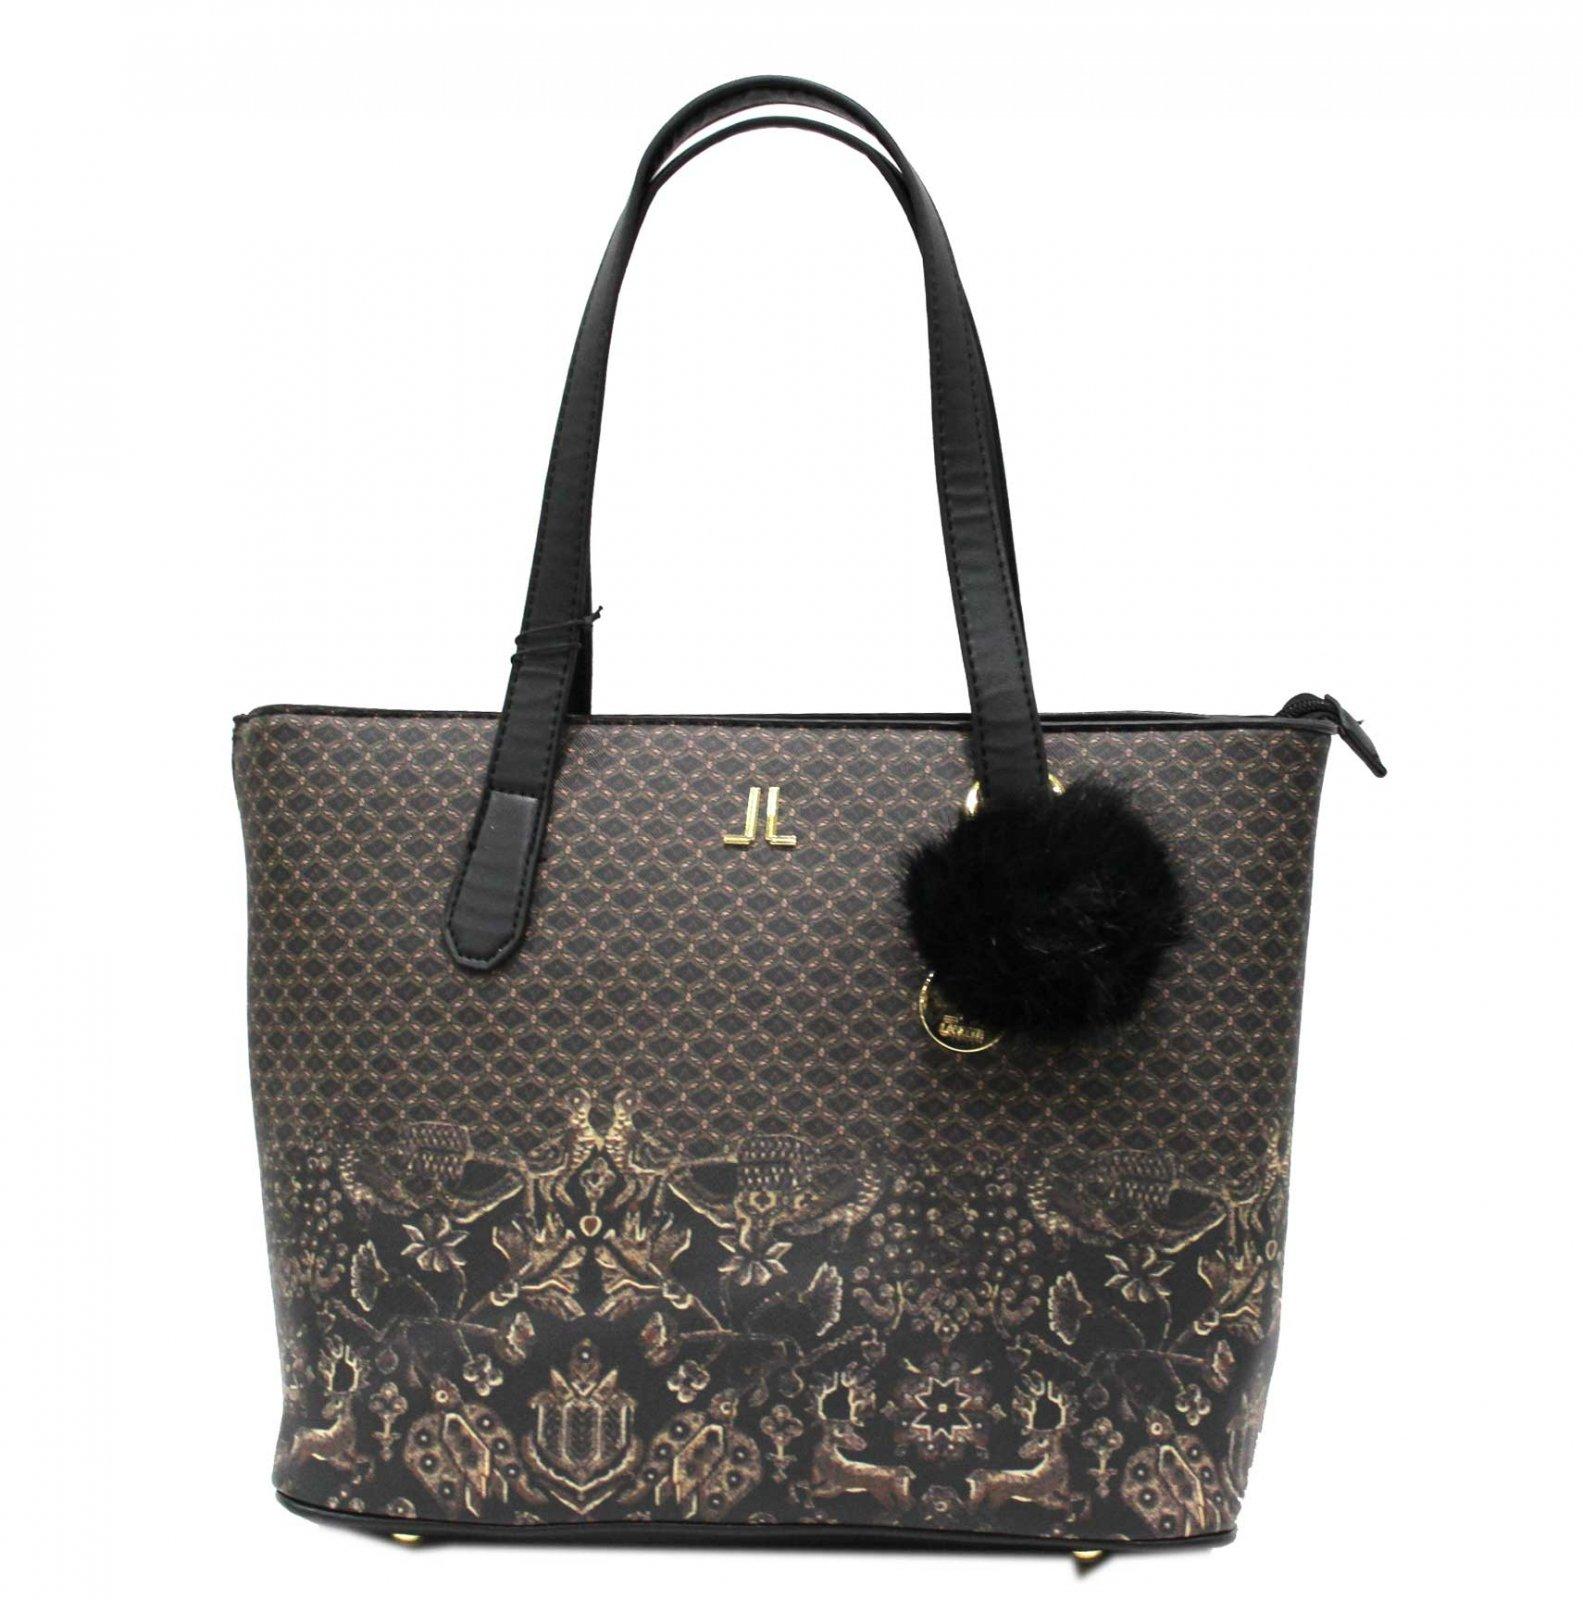 Borsa donna SIMILPELLE modello shopping a spalla con pon pon LANCETTI 7500  nero Colore  9f8c51646b1